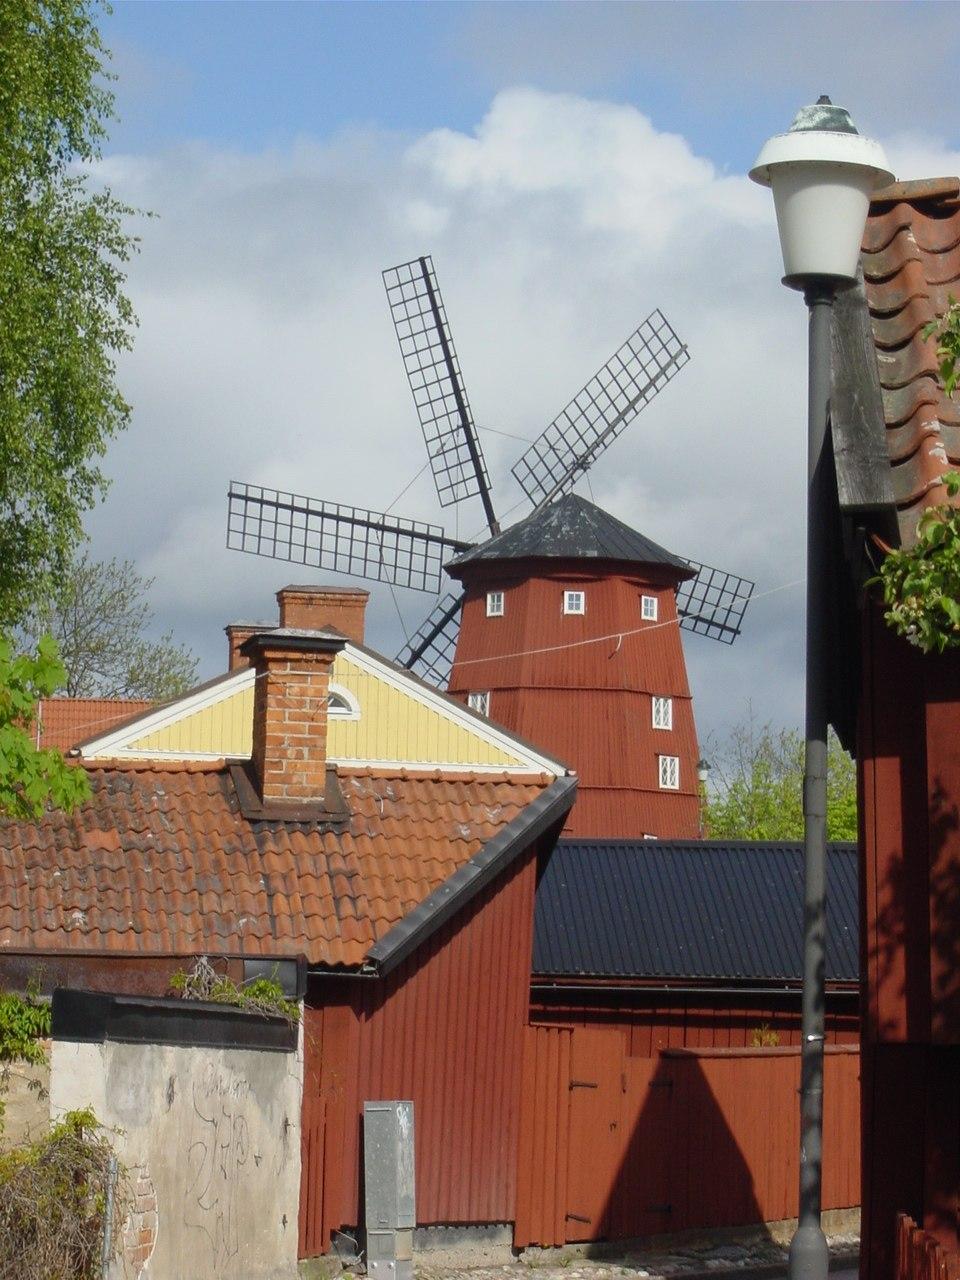 Väderkvarn, Strängnäs